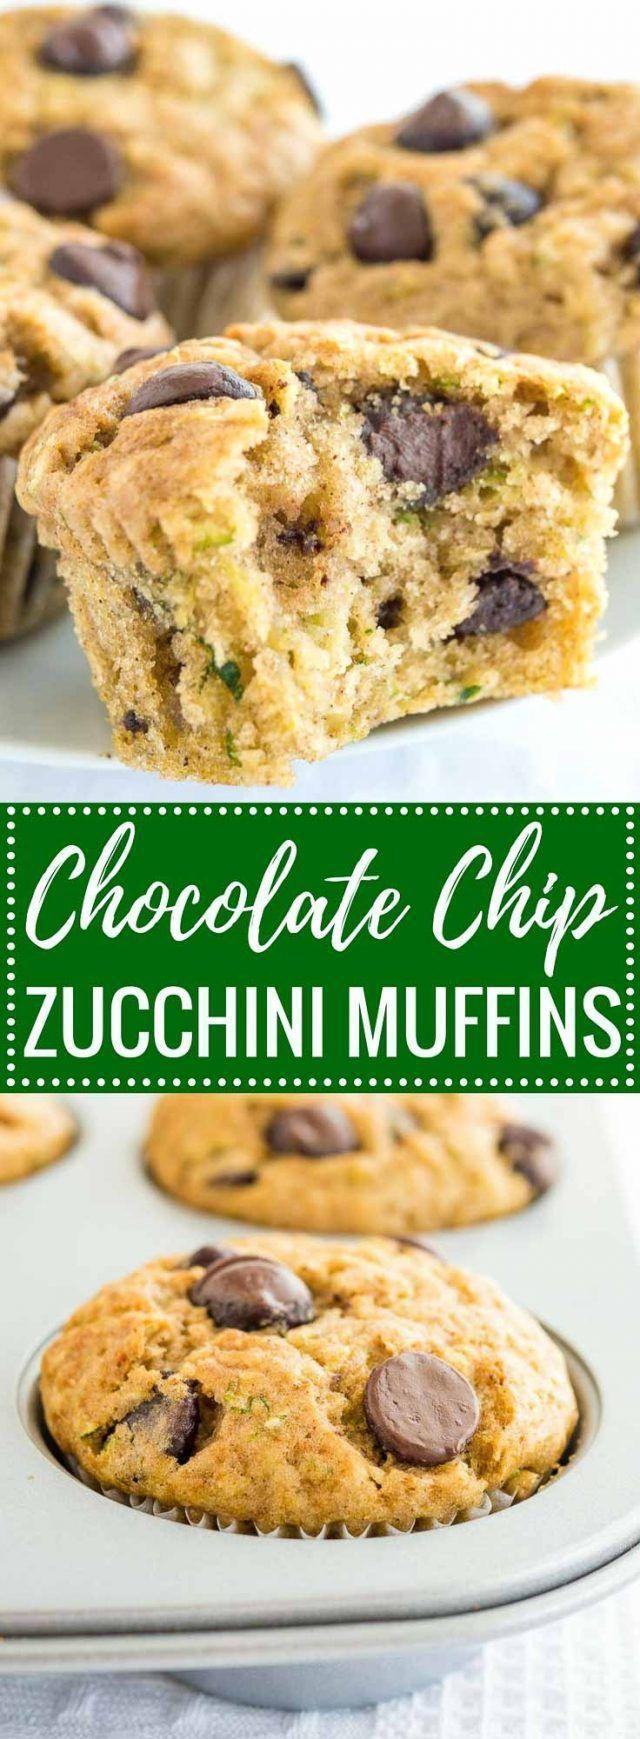 Zucchini Chocolate Chip Muffins Rezept  Tipps um sie gesünder zu machen Zucchini Chocolate Chip Muffins Rezept  Tipps um sie gesünder zu machen